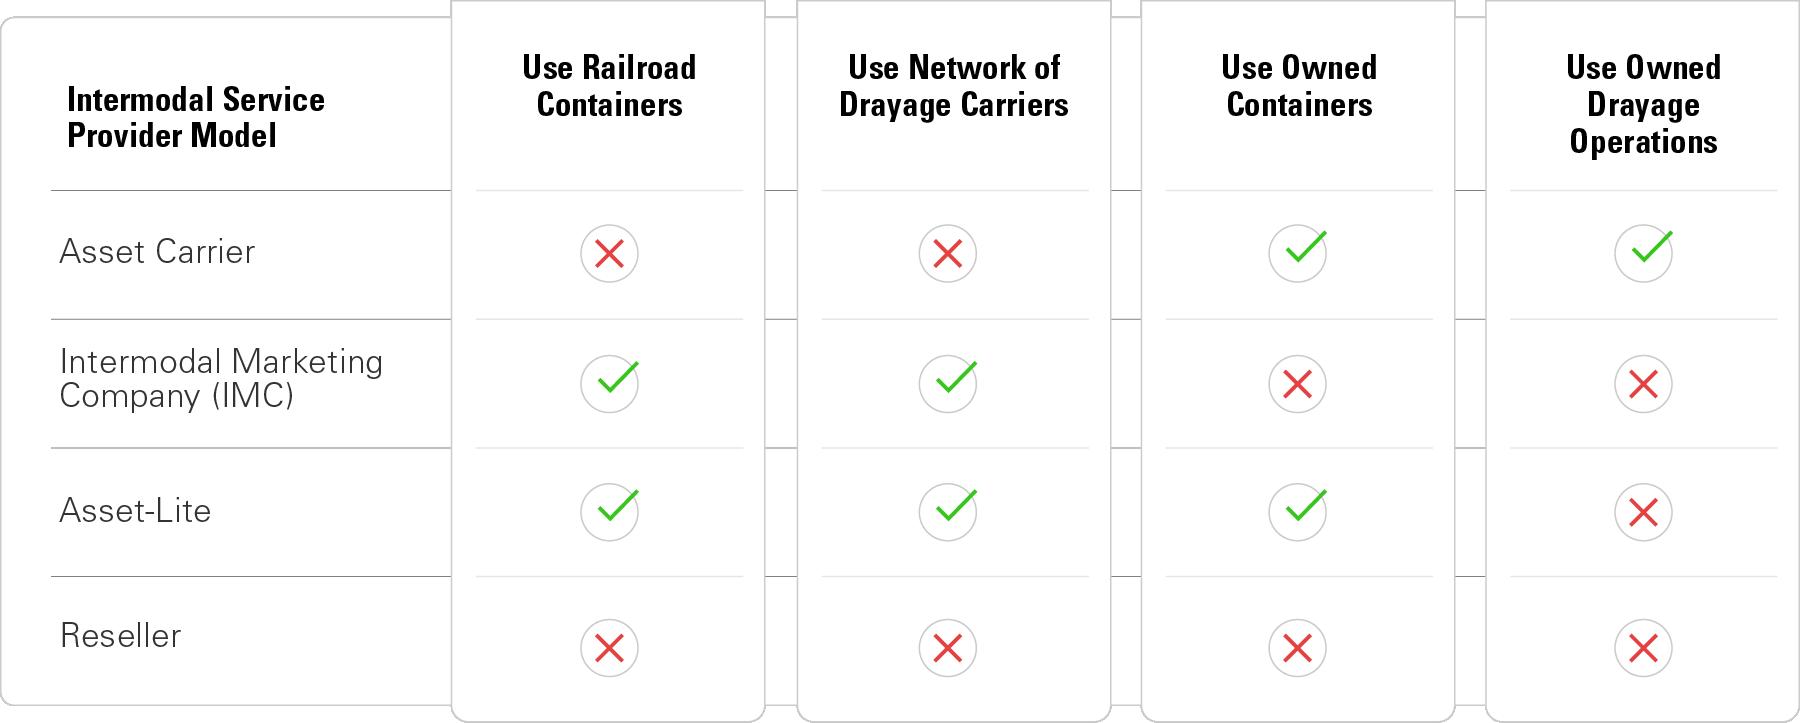 Intermodal service provider model chart